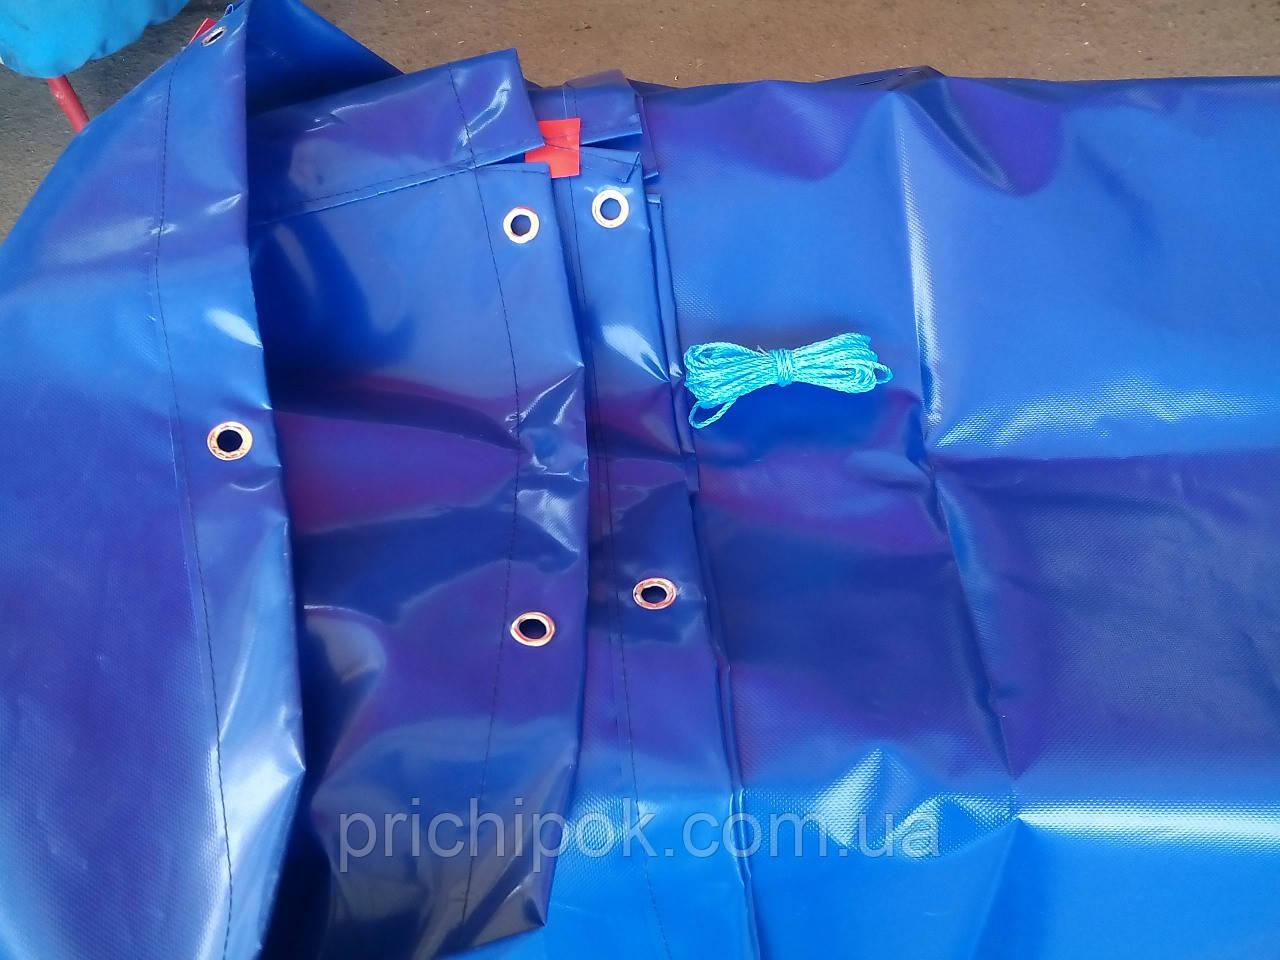 Тент на легковой прицеп креон 1,8 * 1,3 ткань пвх